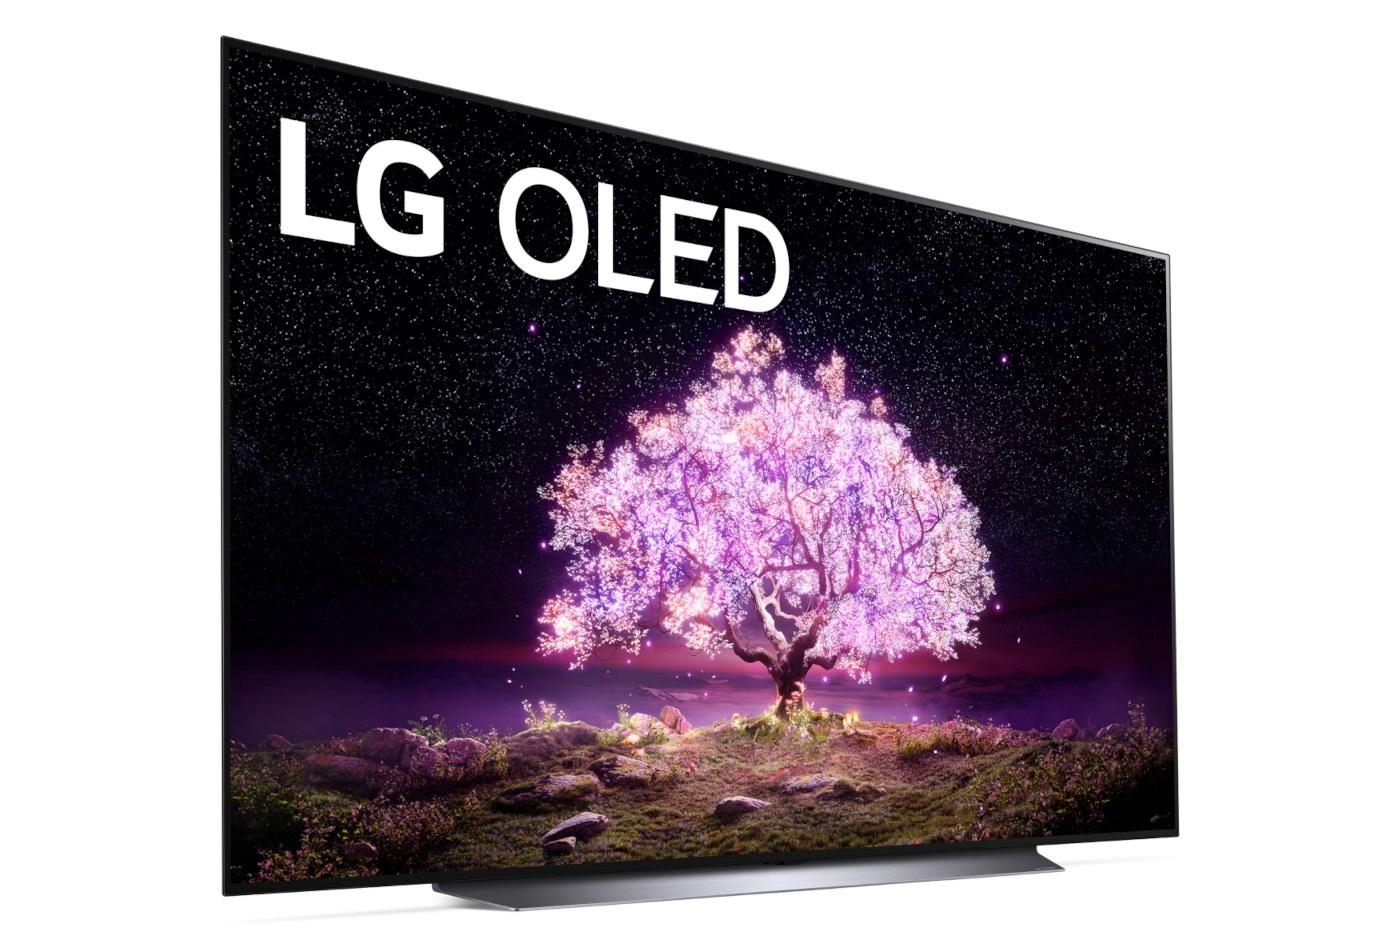 LG LED 83C1